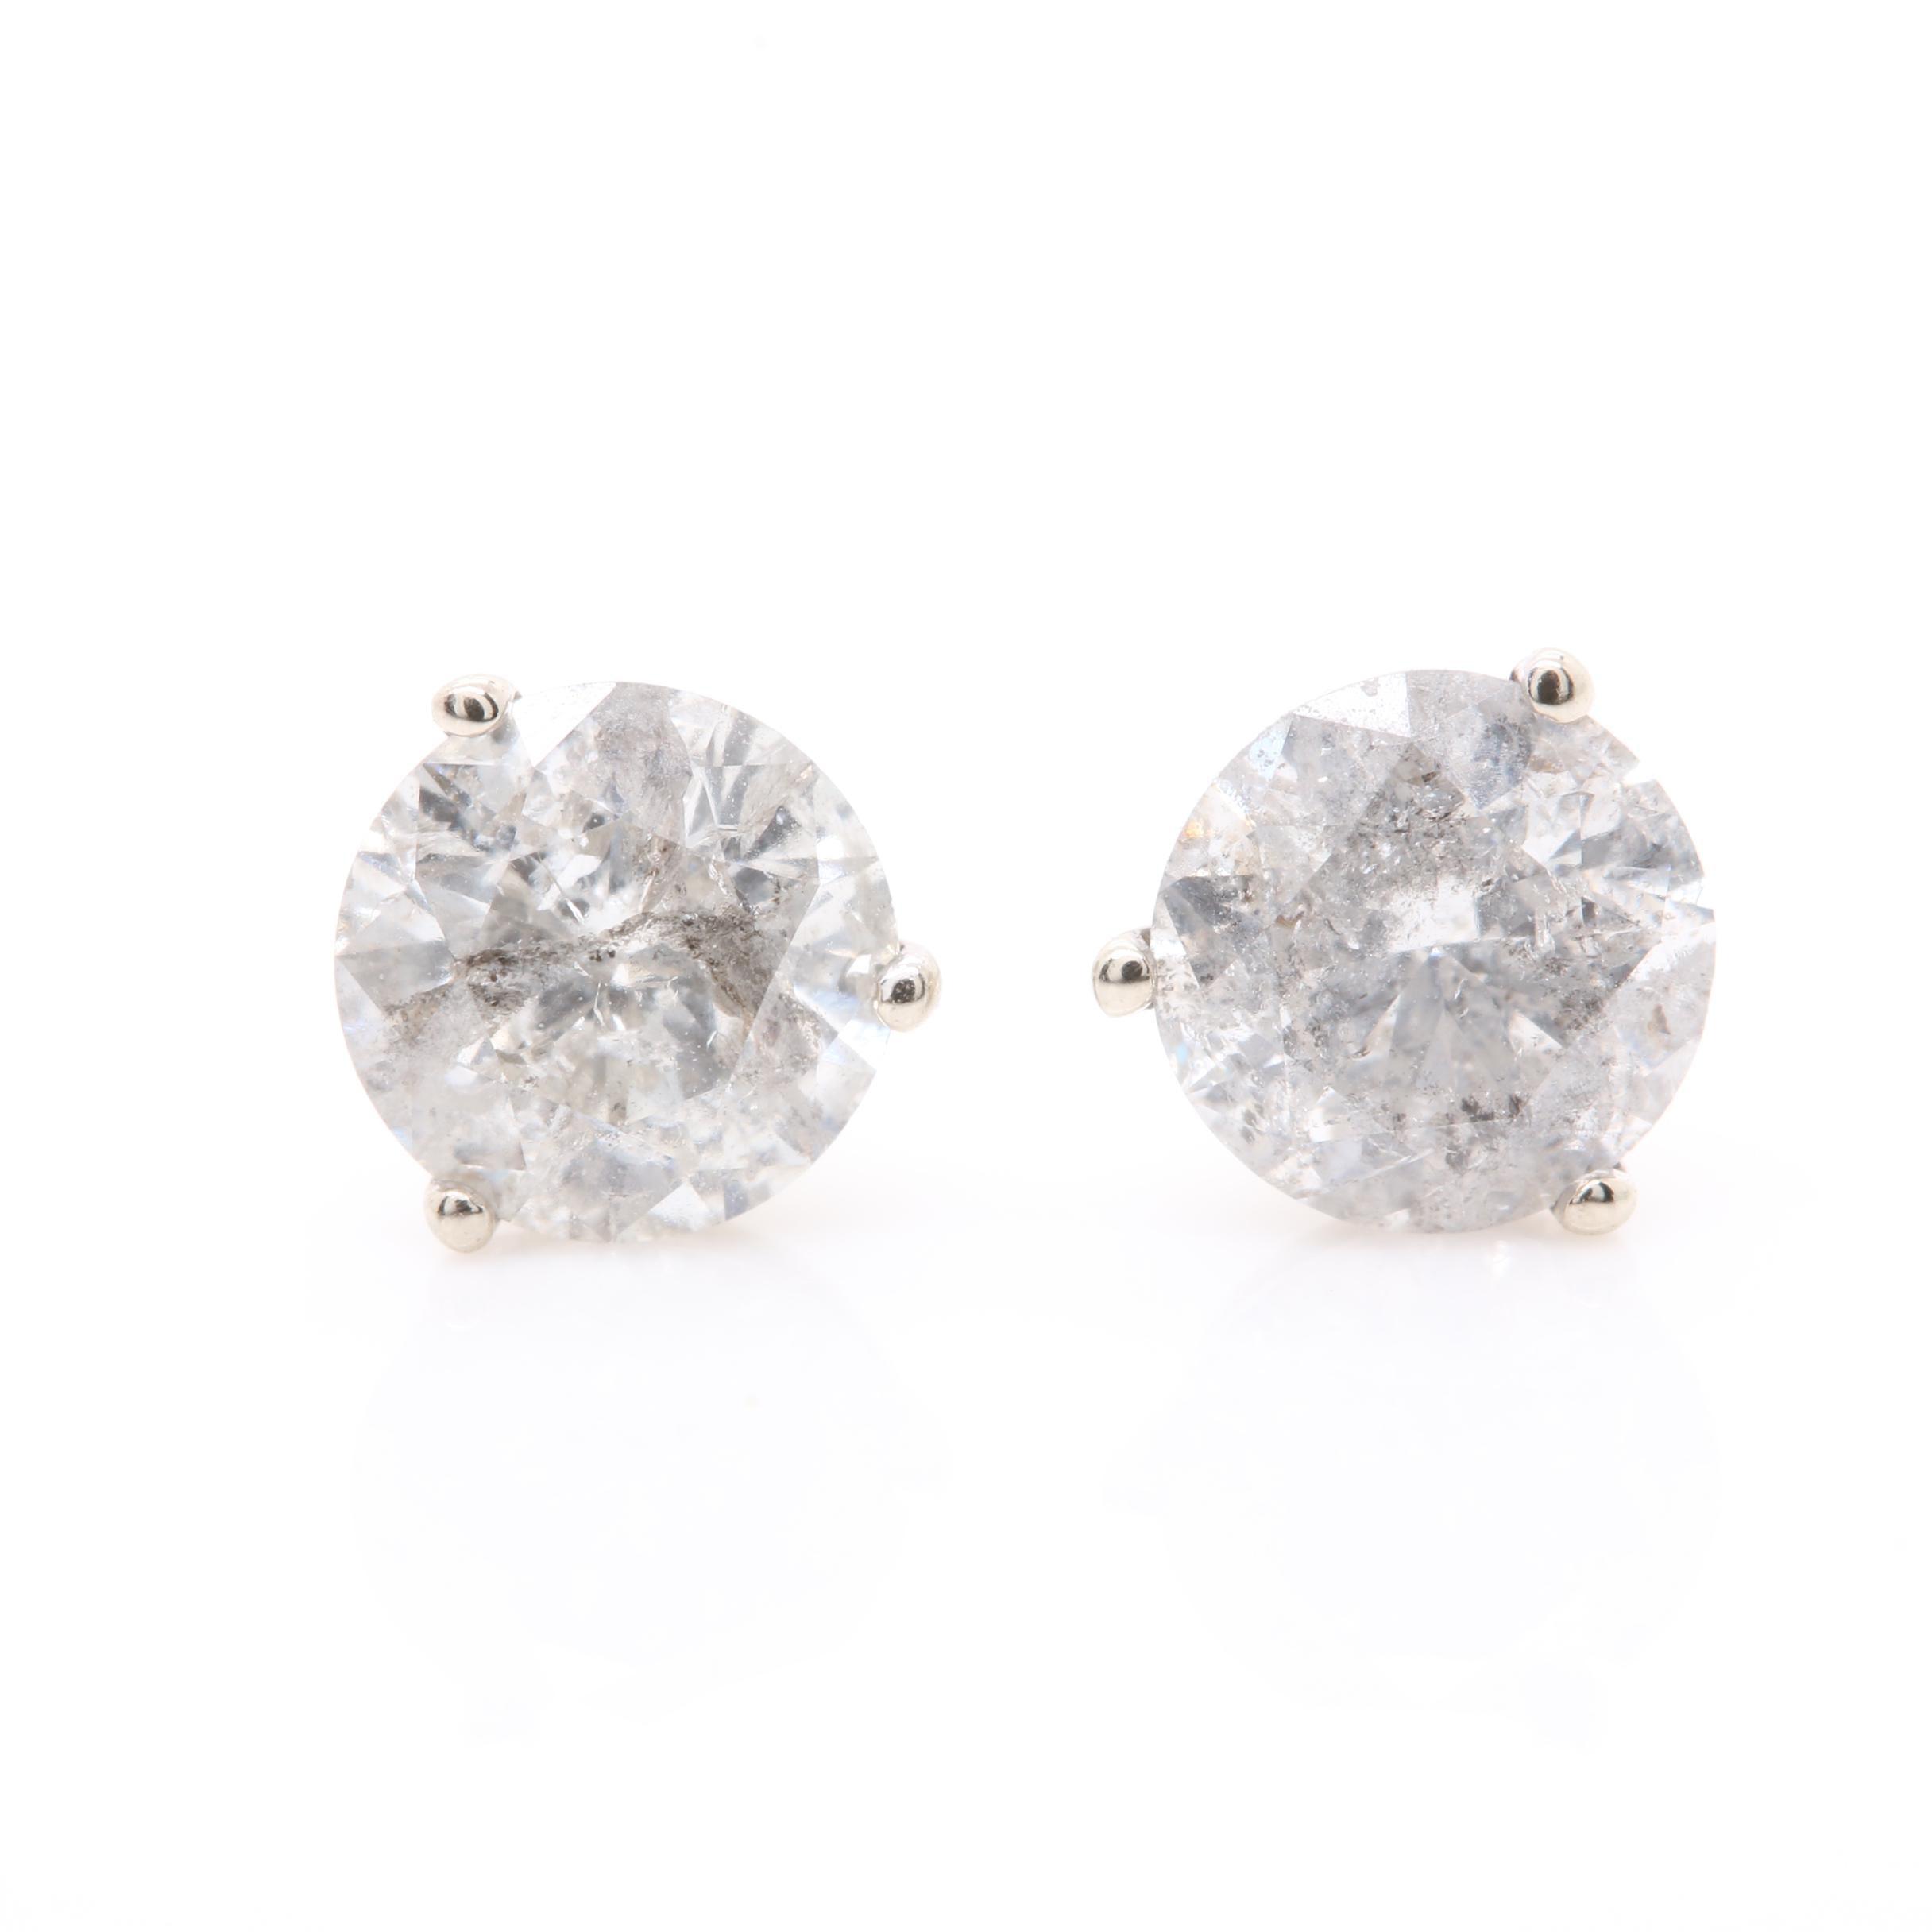 14K White Gold 1.07 CTW Diamond Stud Earrings